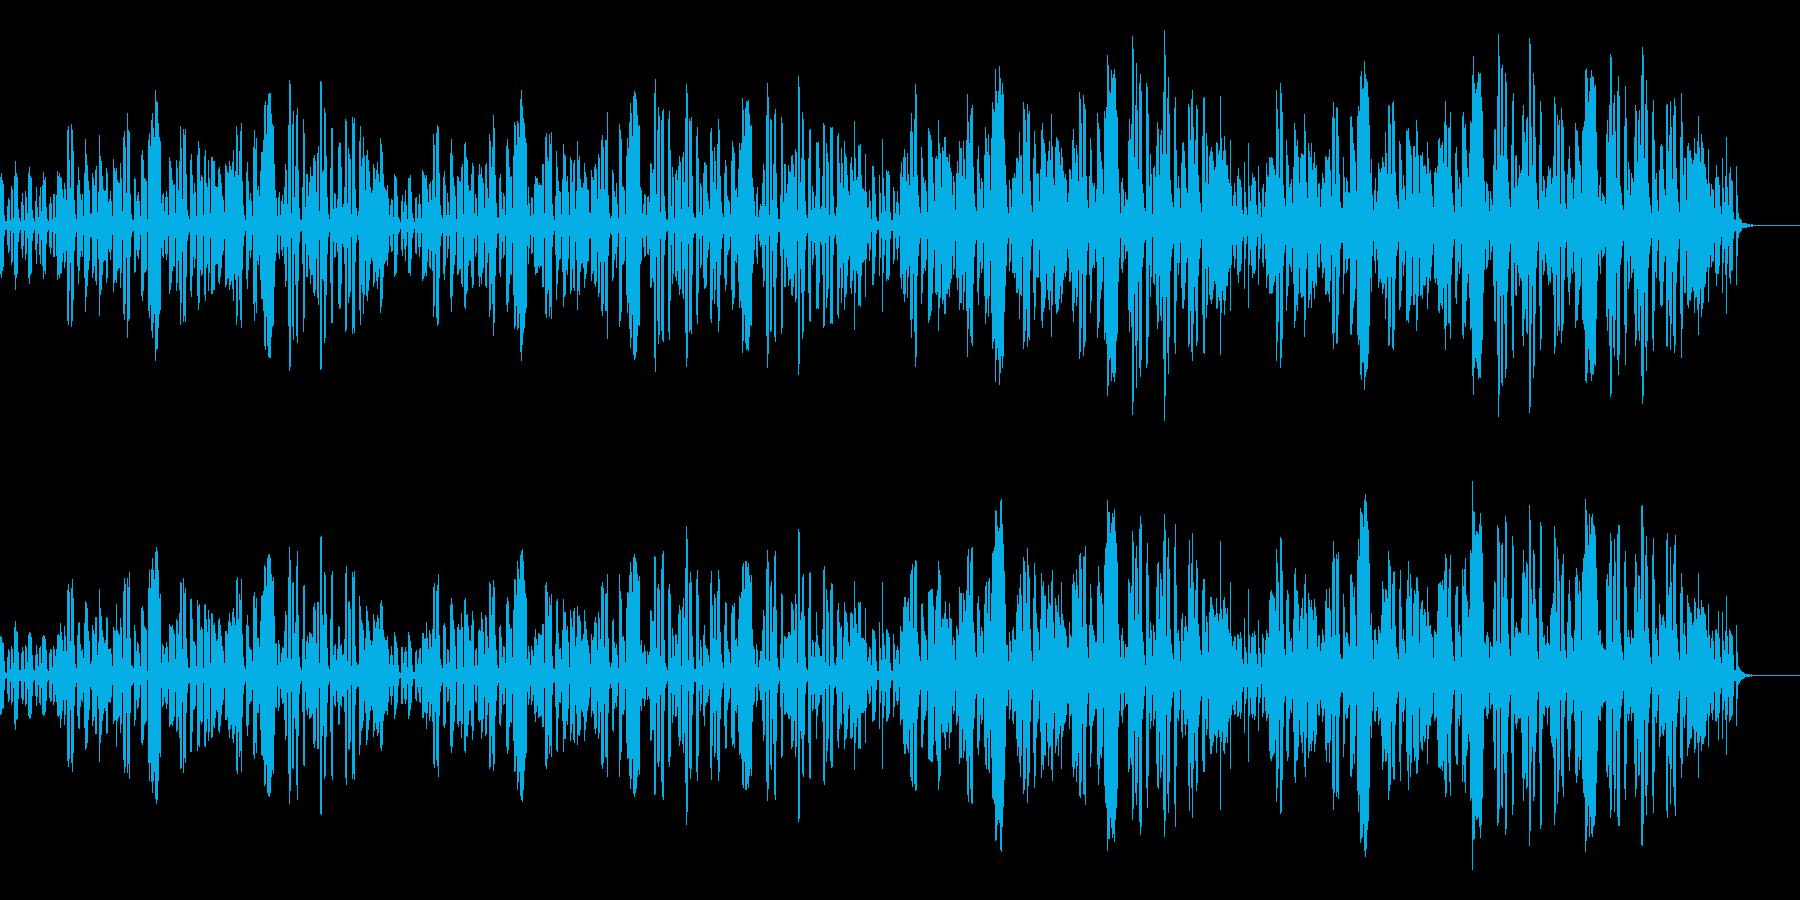 リコーダーとファゴットのコミカルなBGMの再生済みの波形